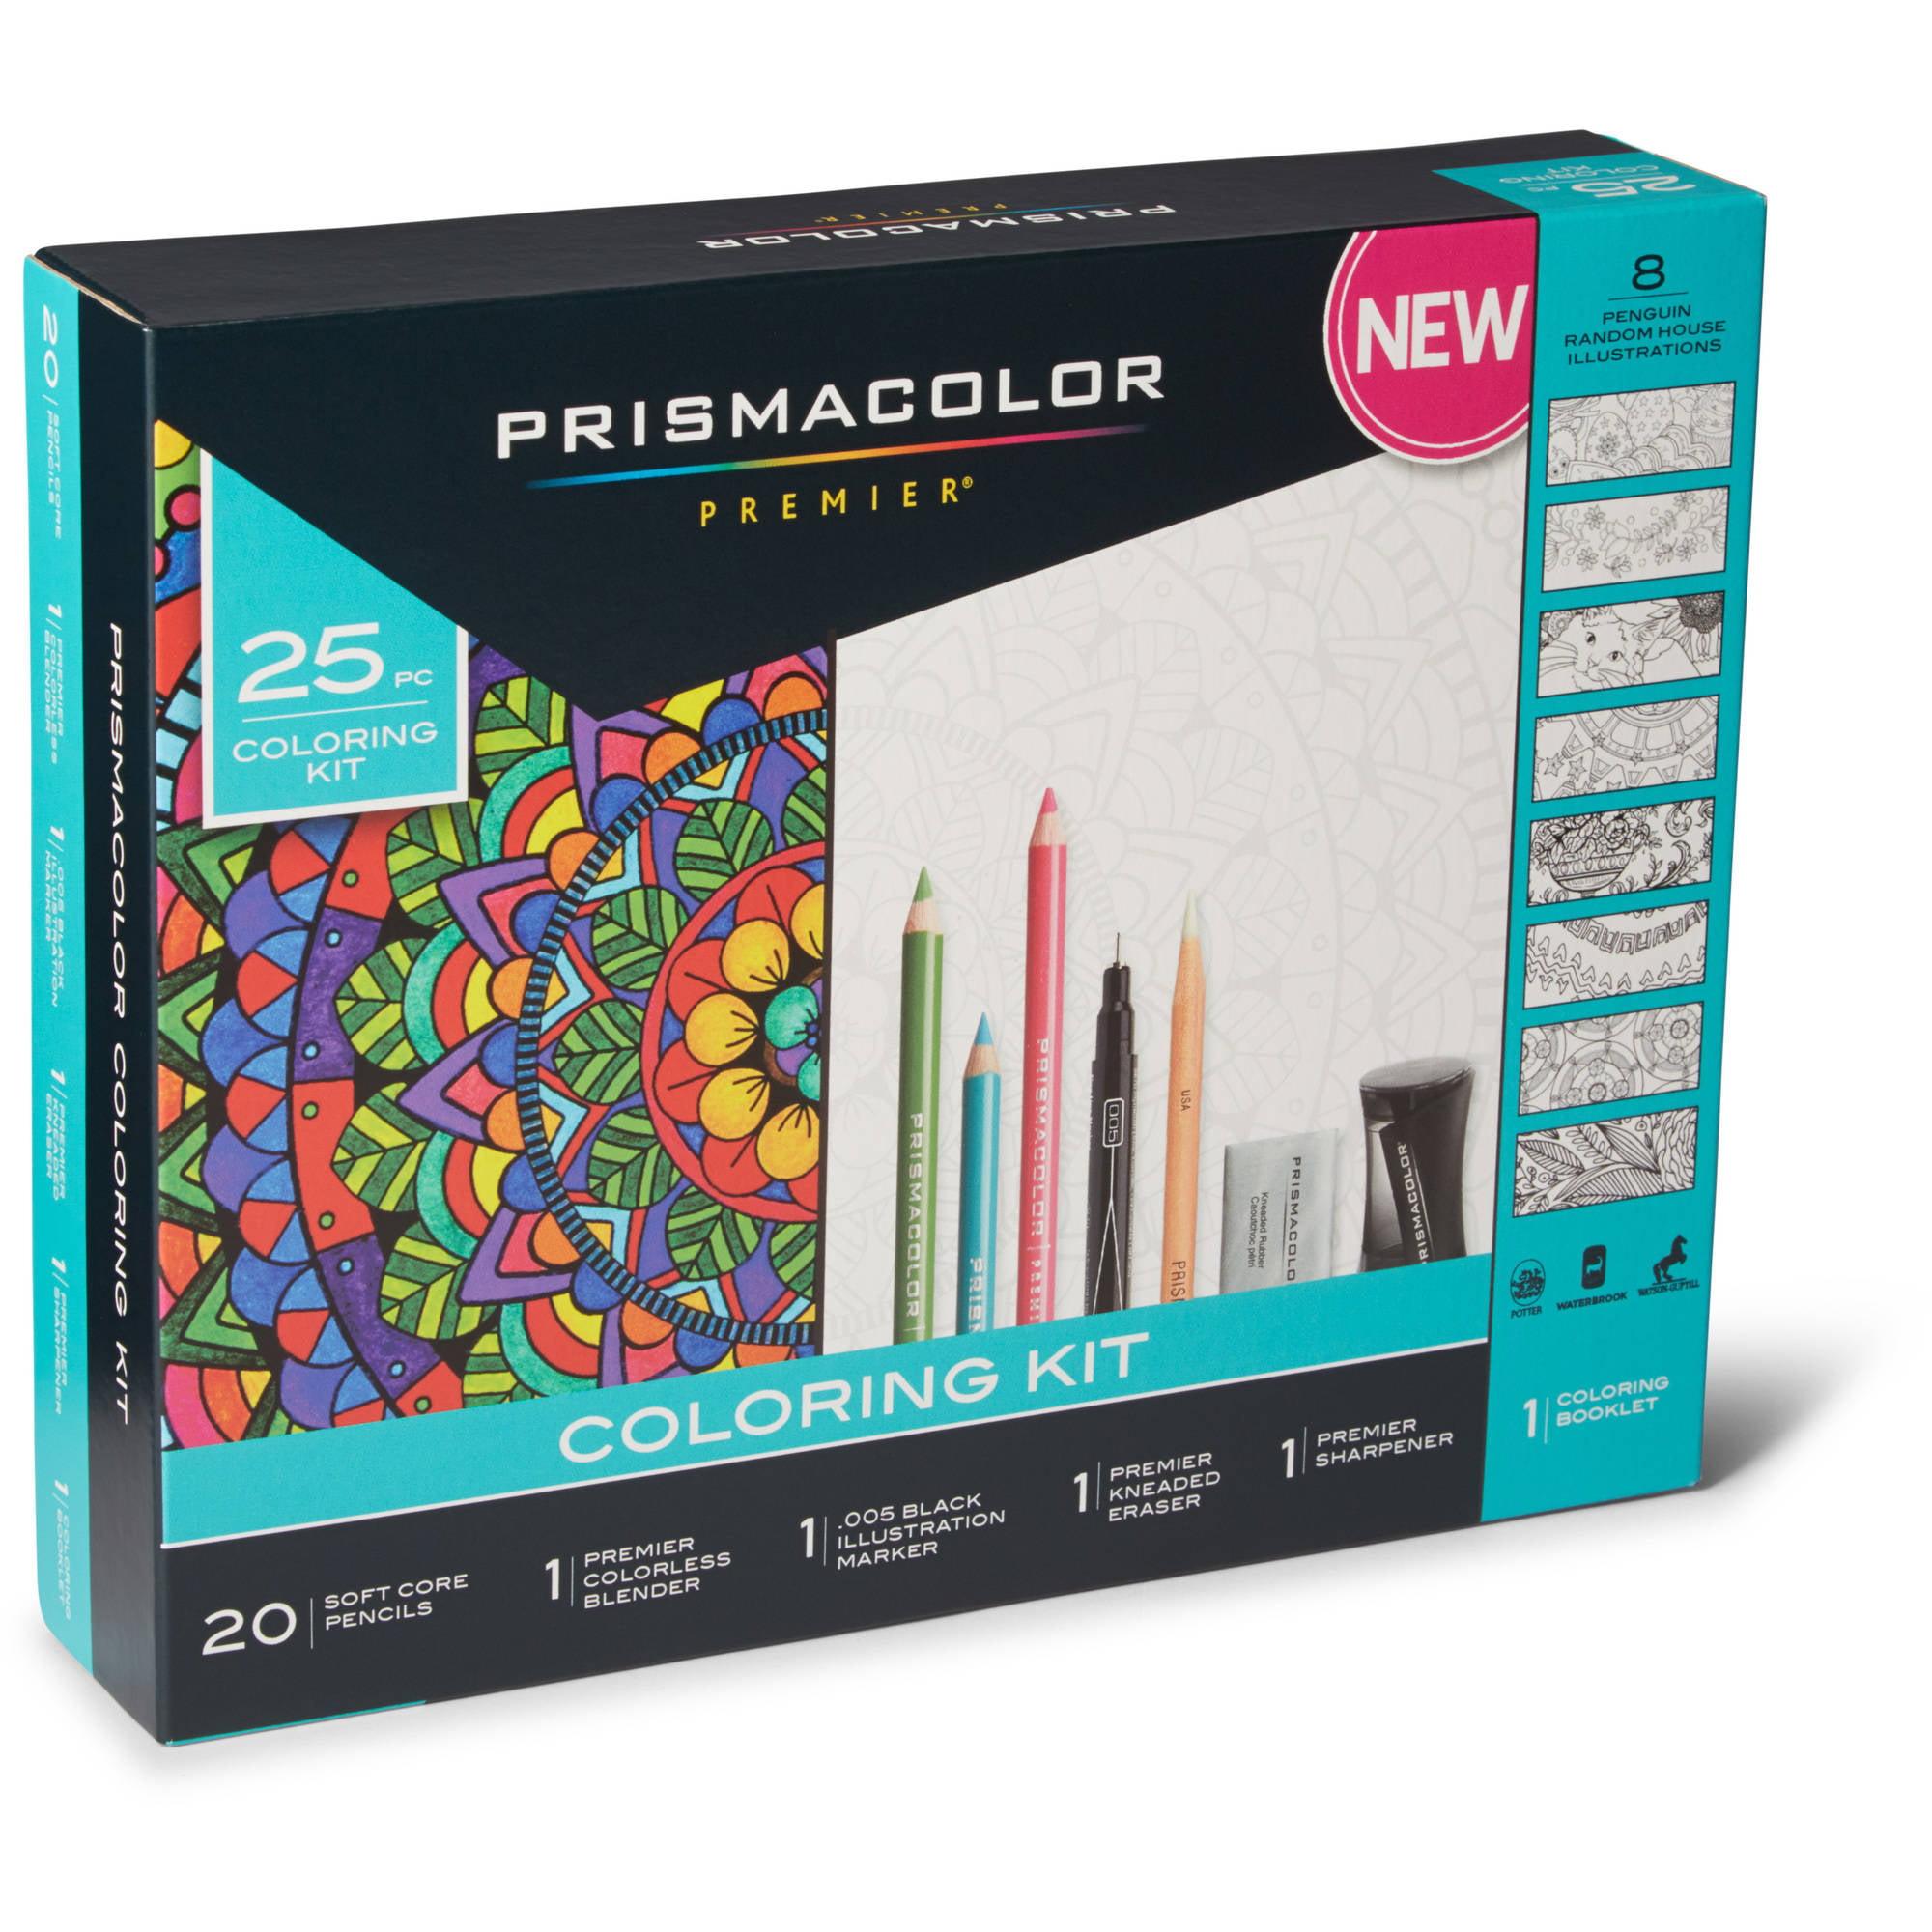 Prismacolor Premier Adult Coloring Book Kit, 25 Piece Set